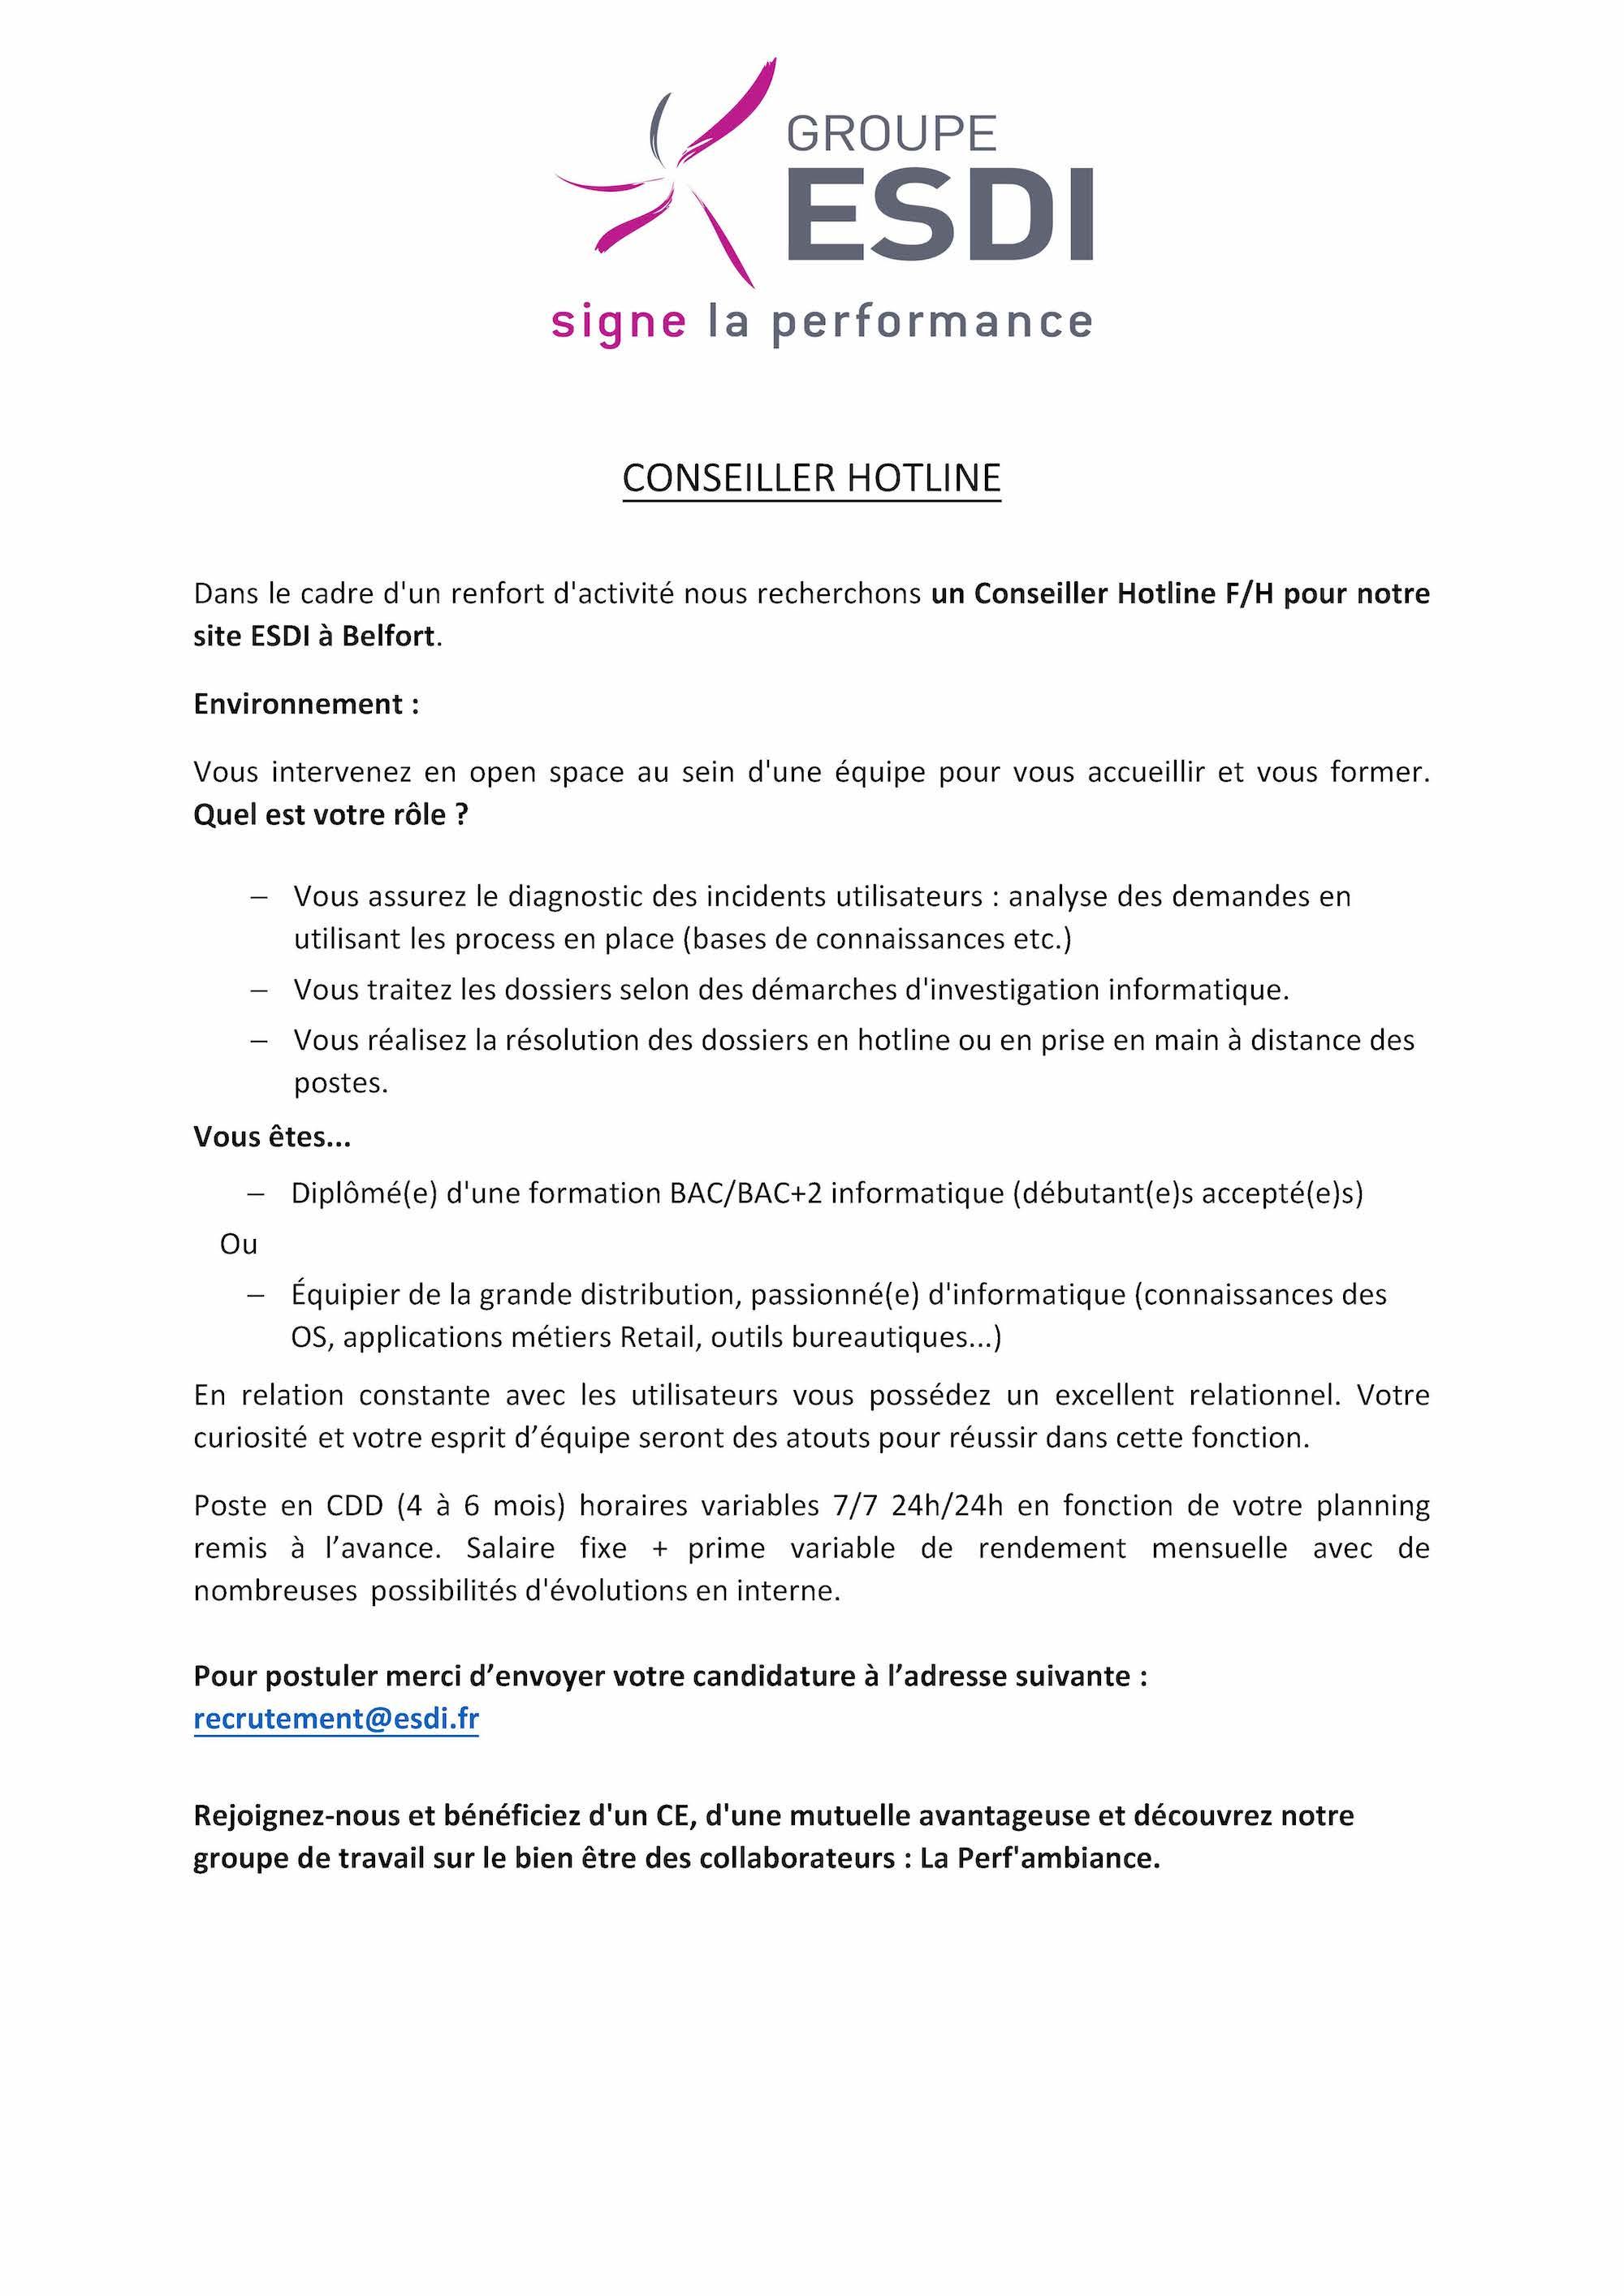 ESDI recrute 1 Conseiller-e Hotline à Belfort